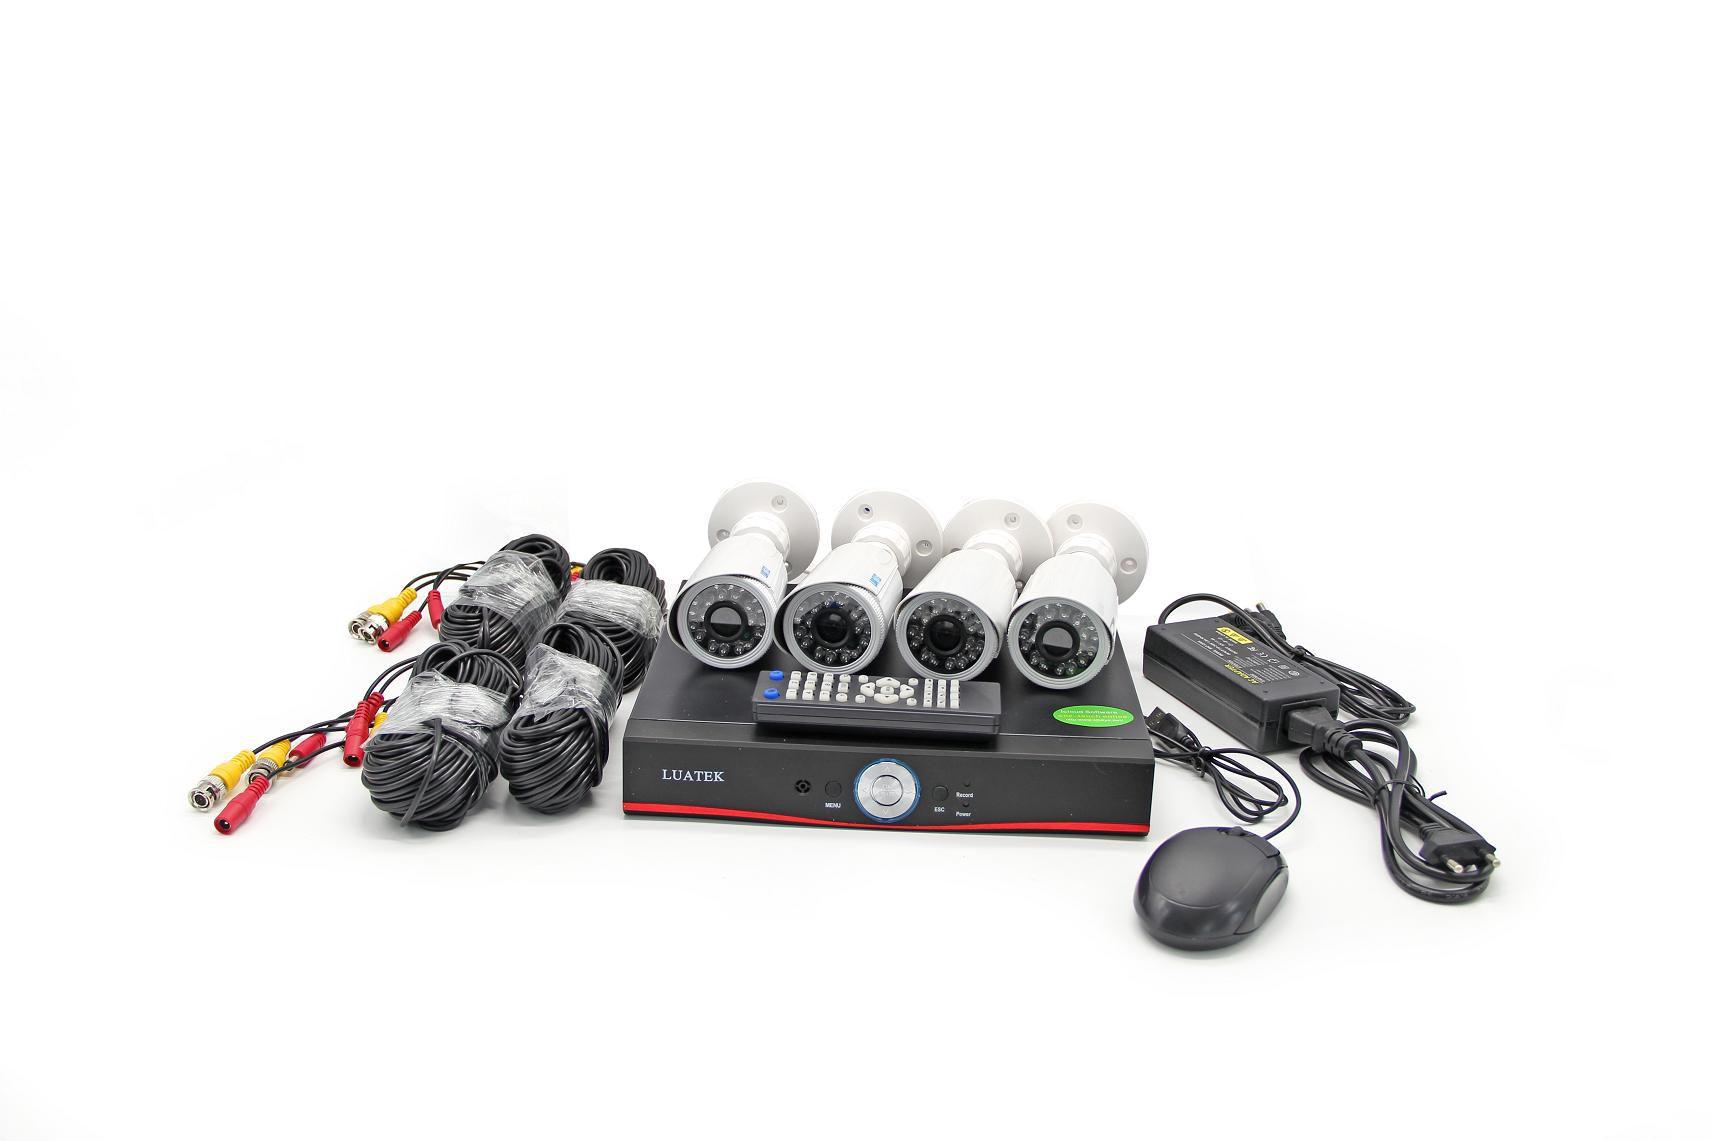 Kit De Câmera De Segurança Dvr 8 Com 4 Cameras Cabos e fonte LKK208 Luatek